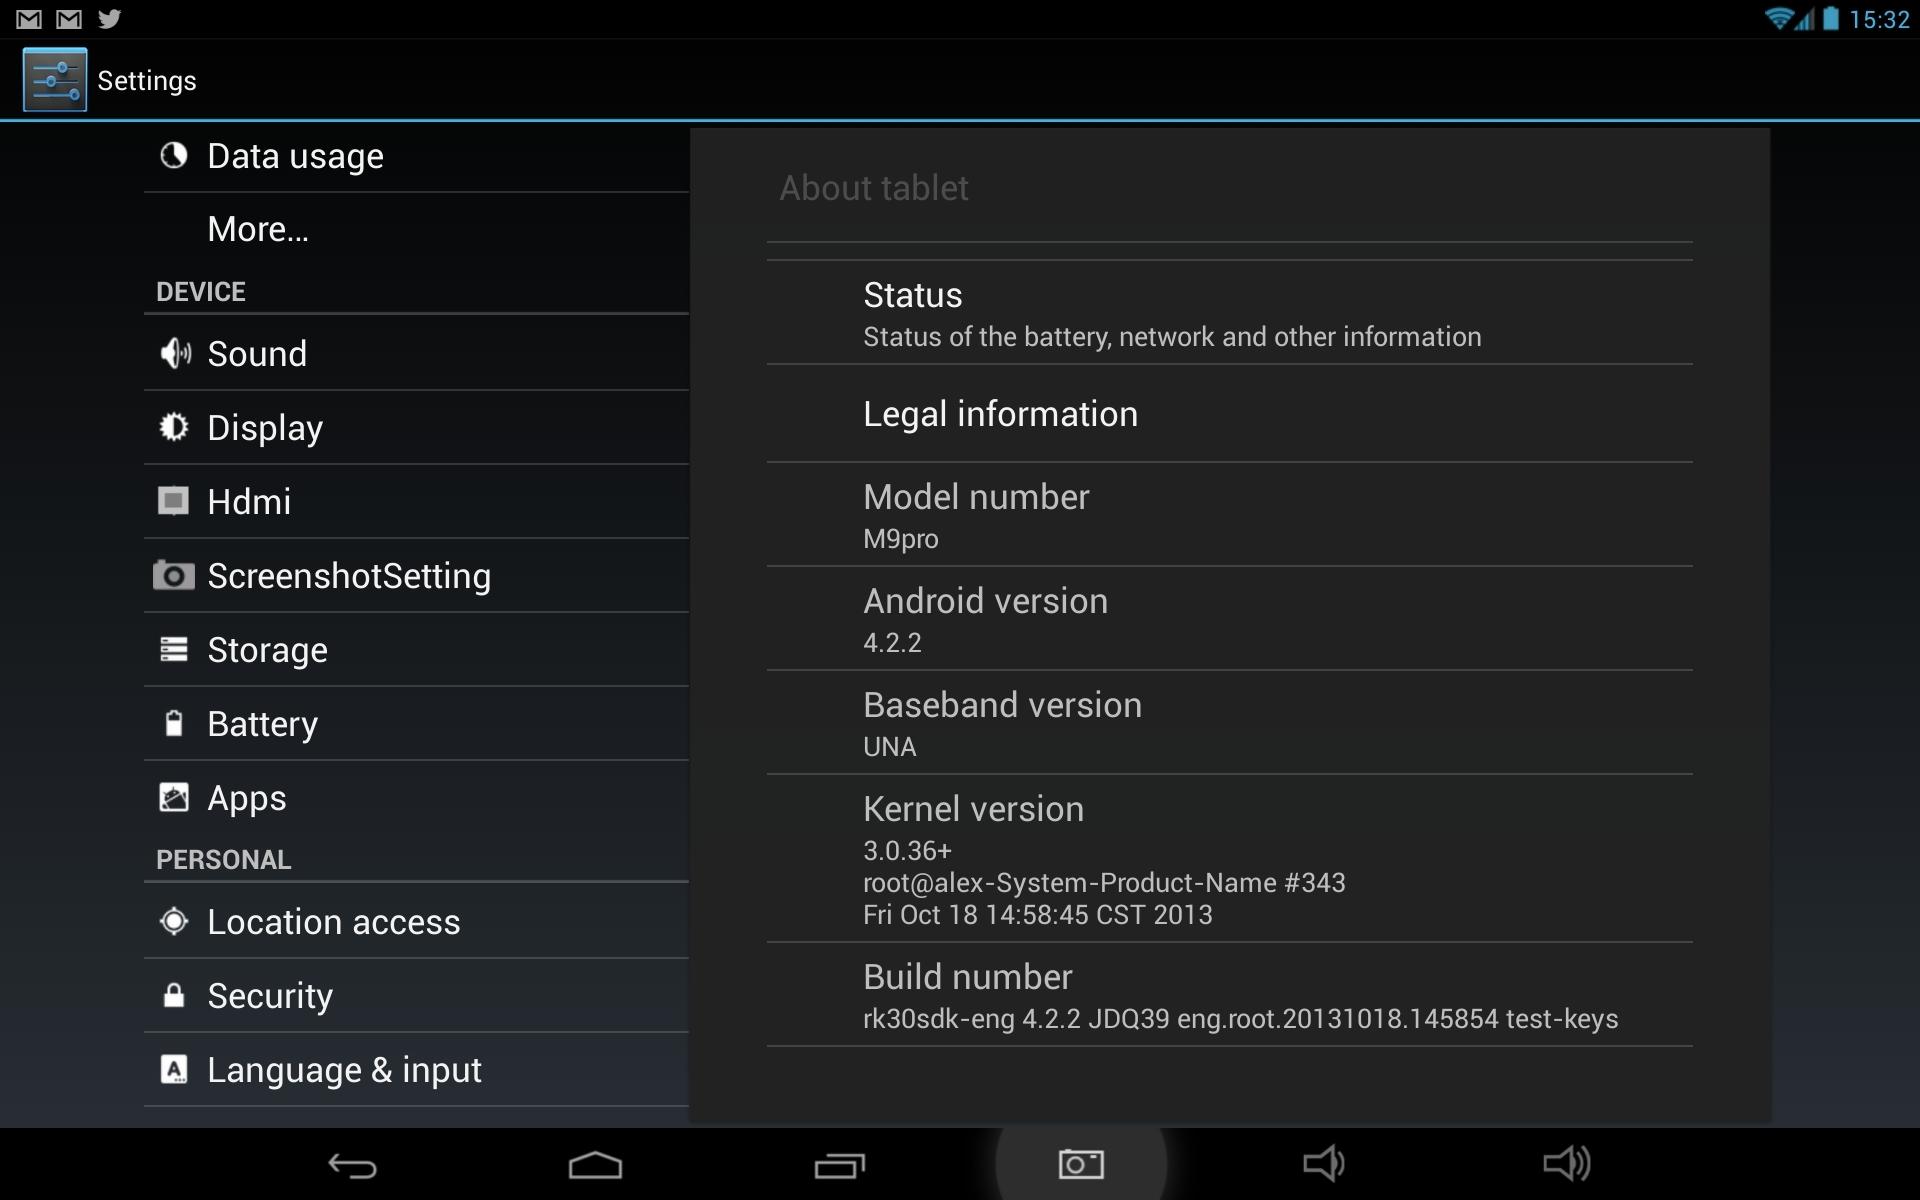 Screenshot-About-Tablet.jpg